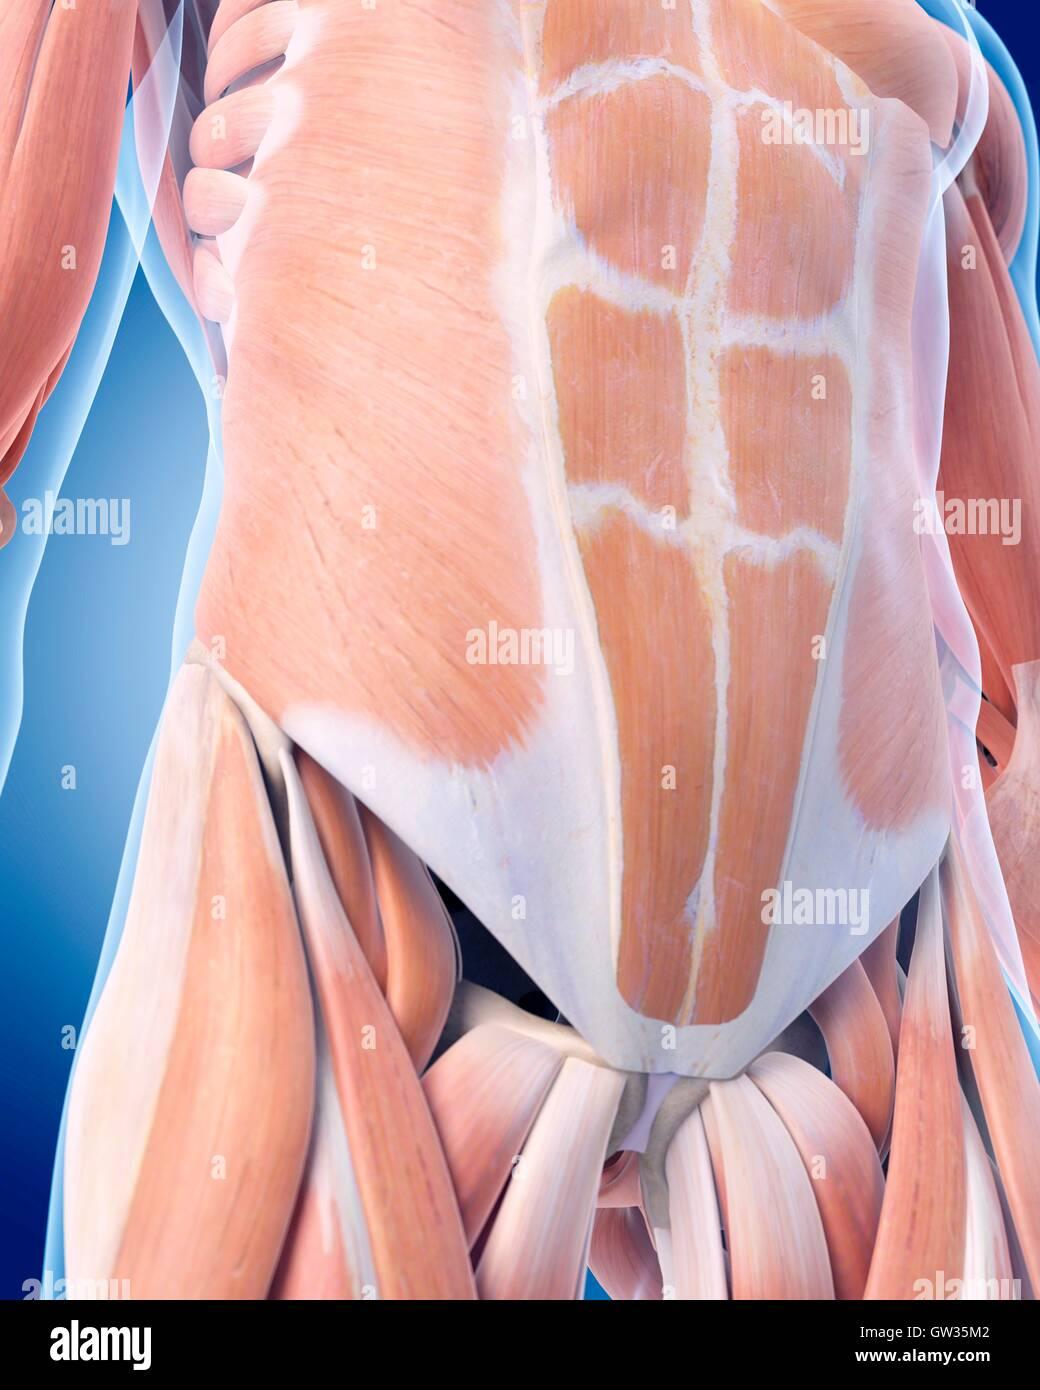 Menschlichen Bauchmuskeln, Abbildung Stockfoto, Bild: 118698946 - Alamy